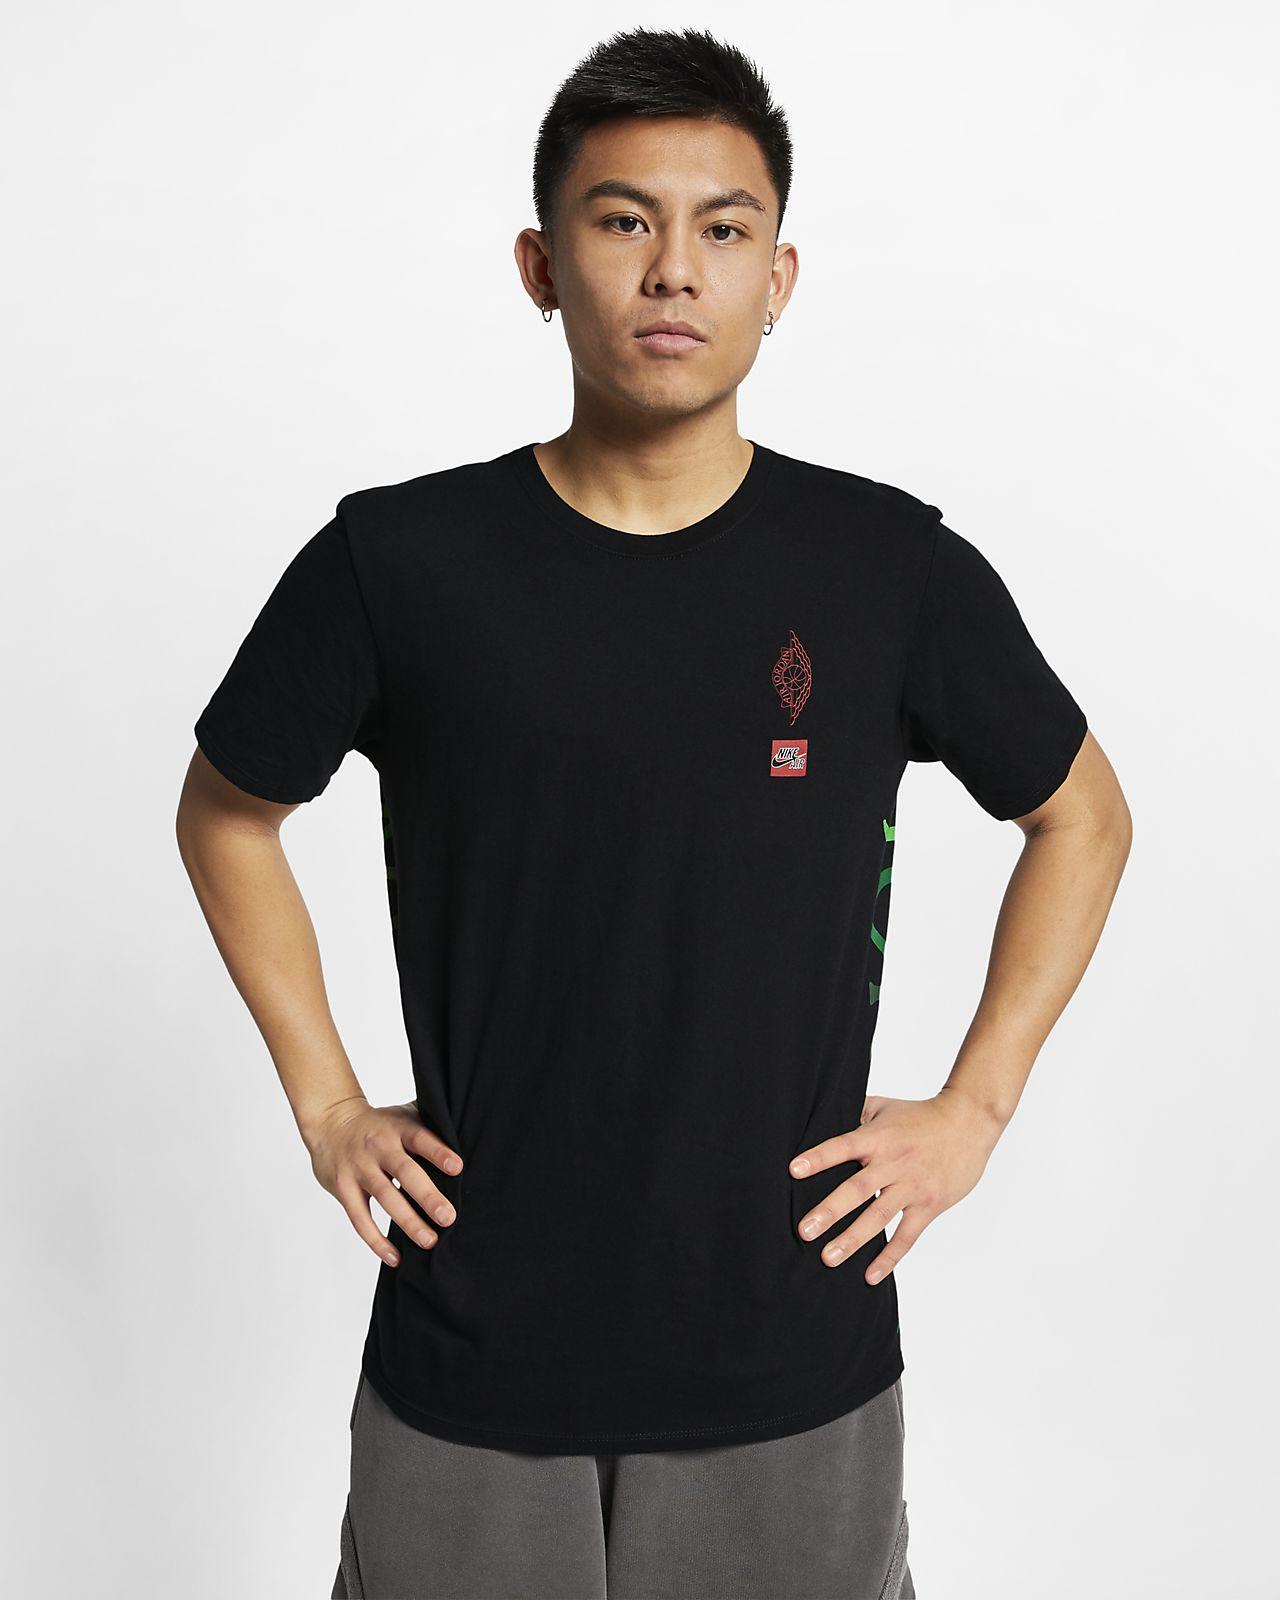 a8925a872b7e Jordan Legacy AJ 1 Men s T-Shirt. Nike.com